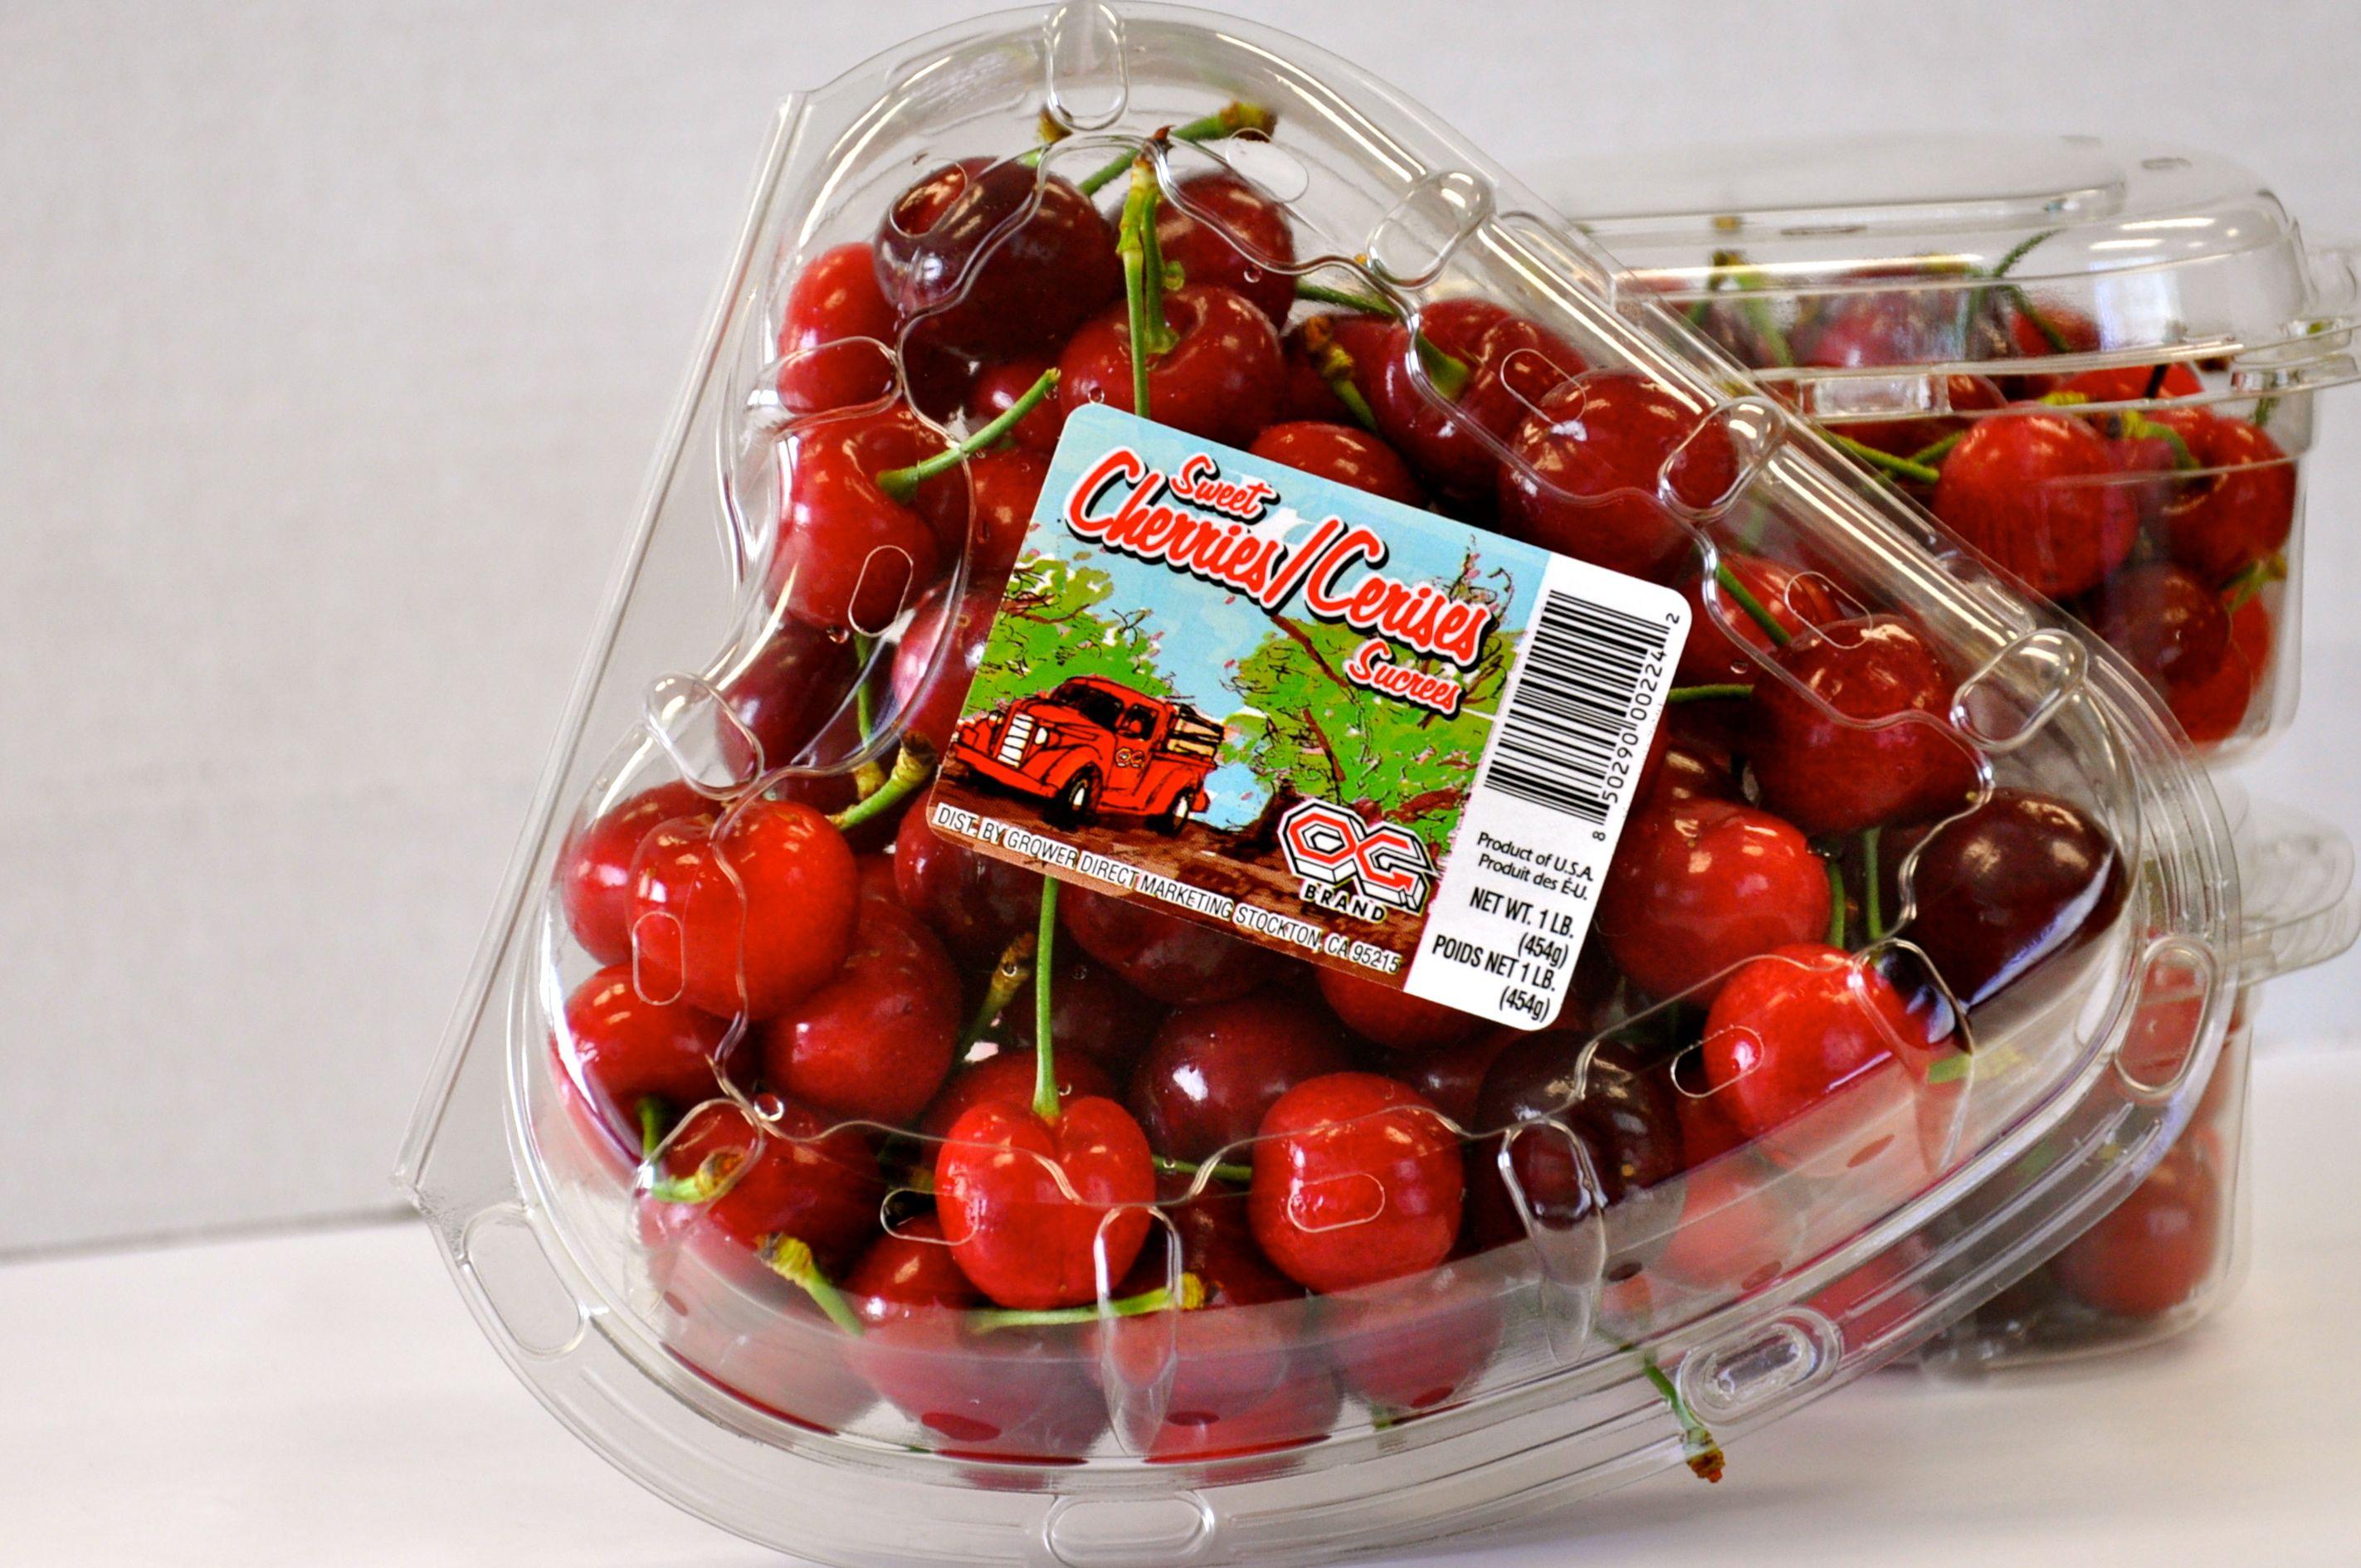 Cherries in packaging